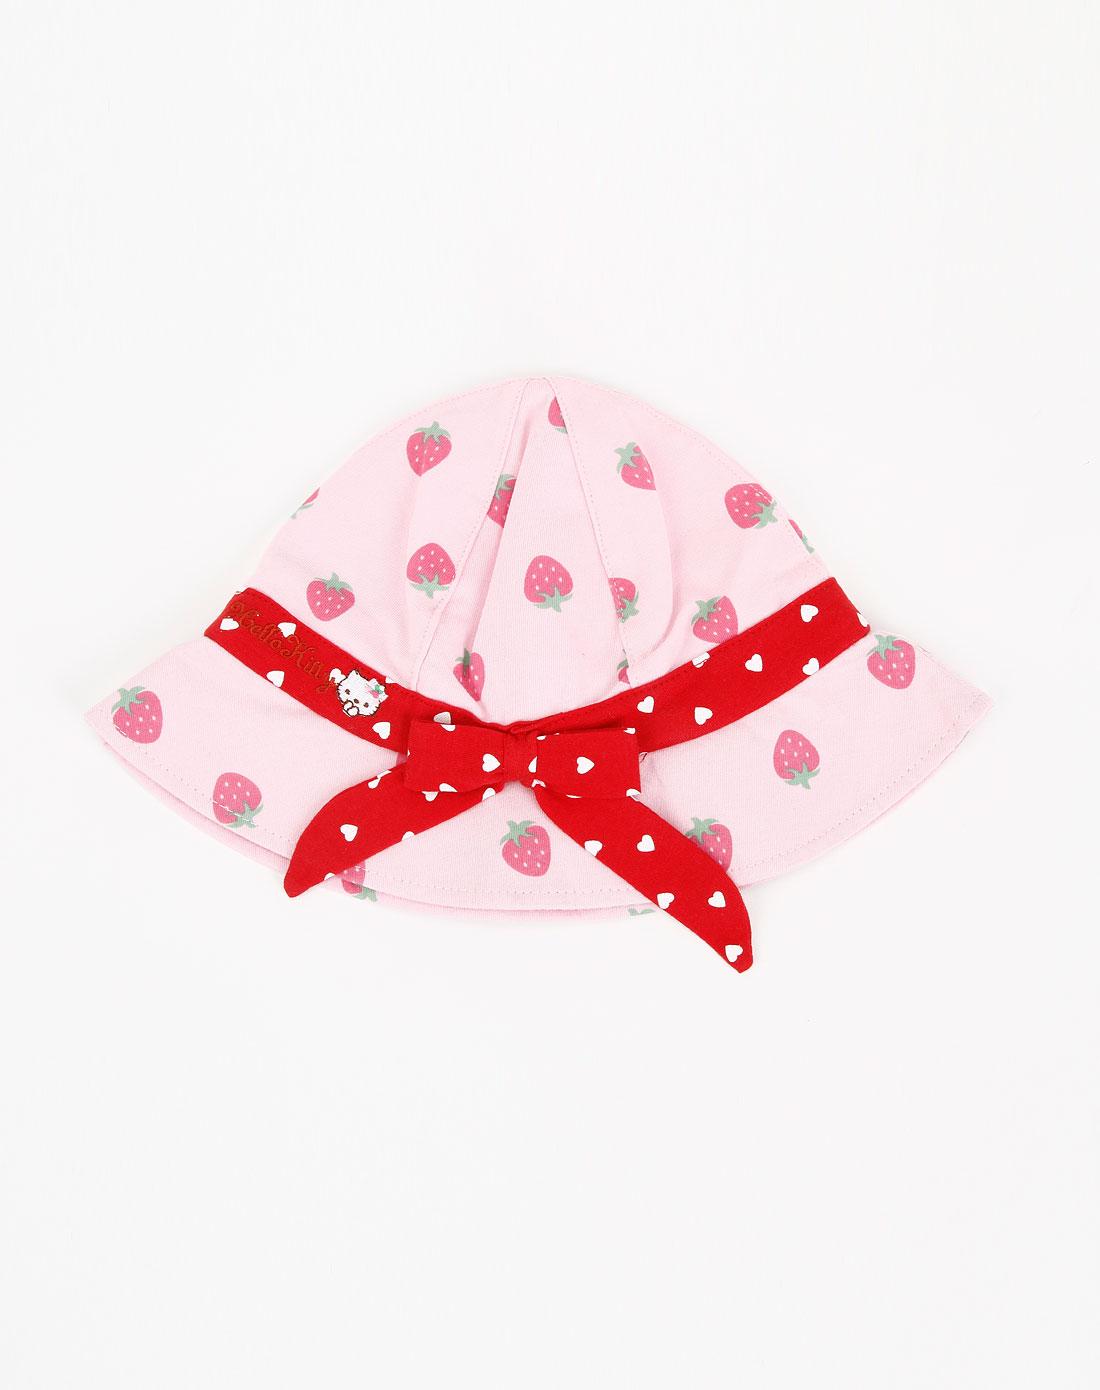 惠粉红_最后约惠-3c文体混合专场-hello kitty女童粉红色草莓帽子